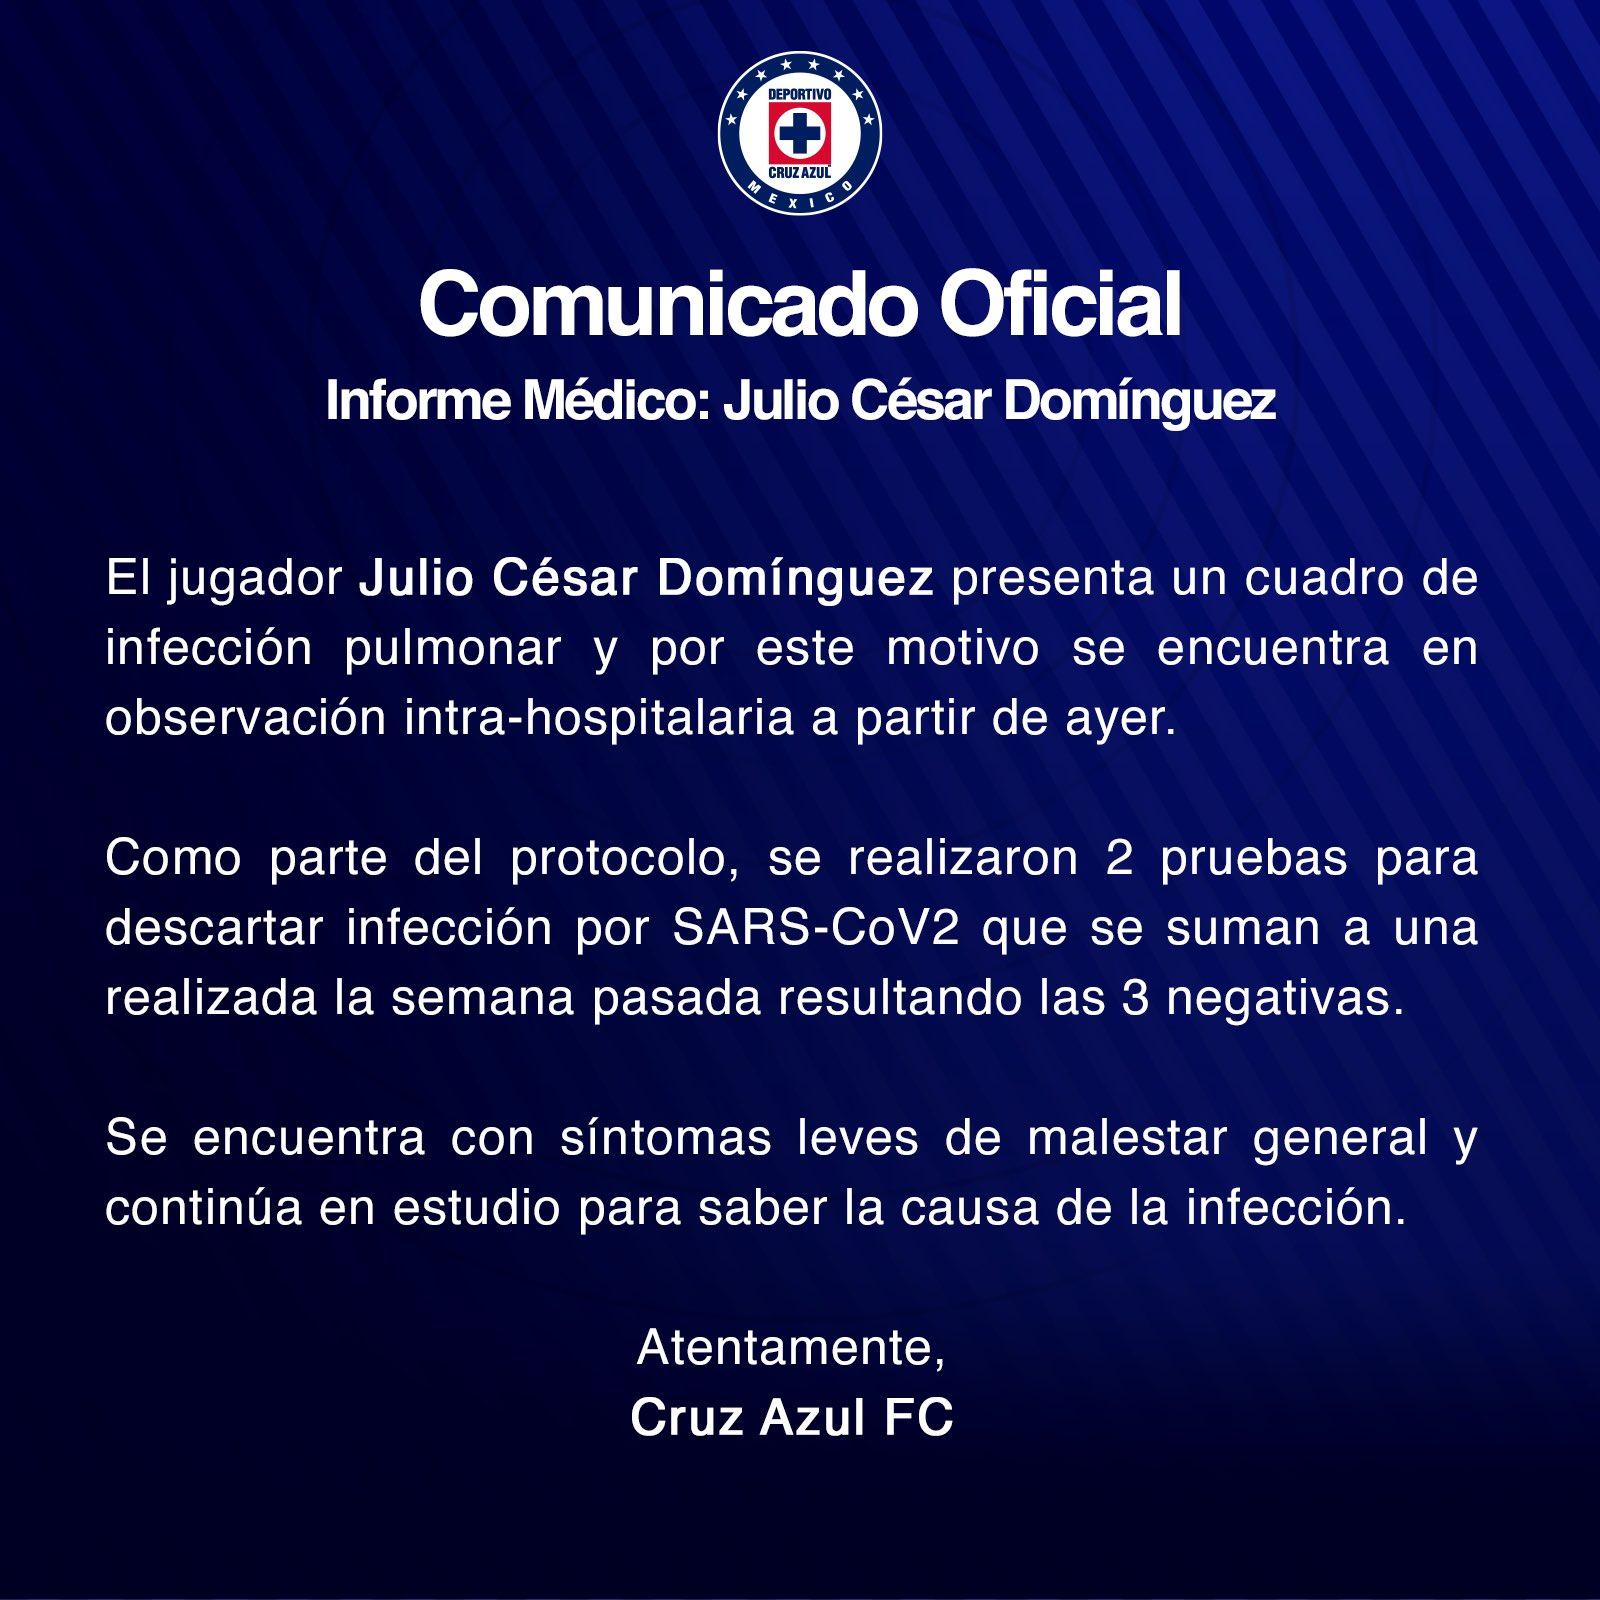 #FuerzaCata: La afición de Cruz Azul se unió tras la hospitalización del 'Cata' Domínguez